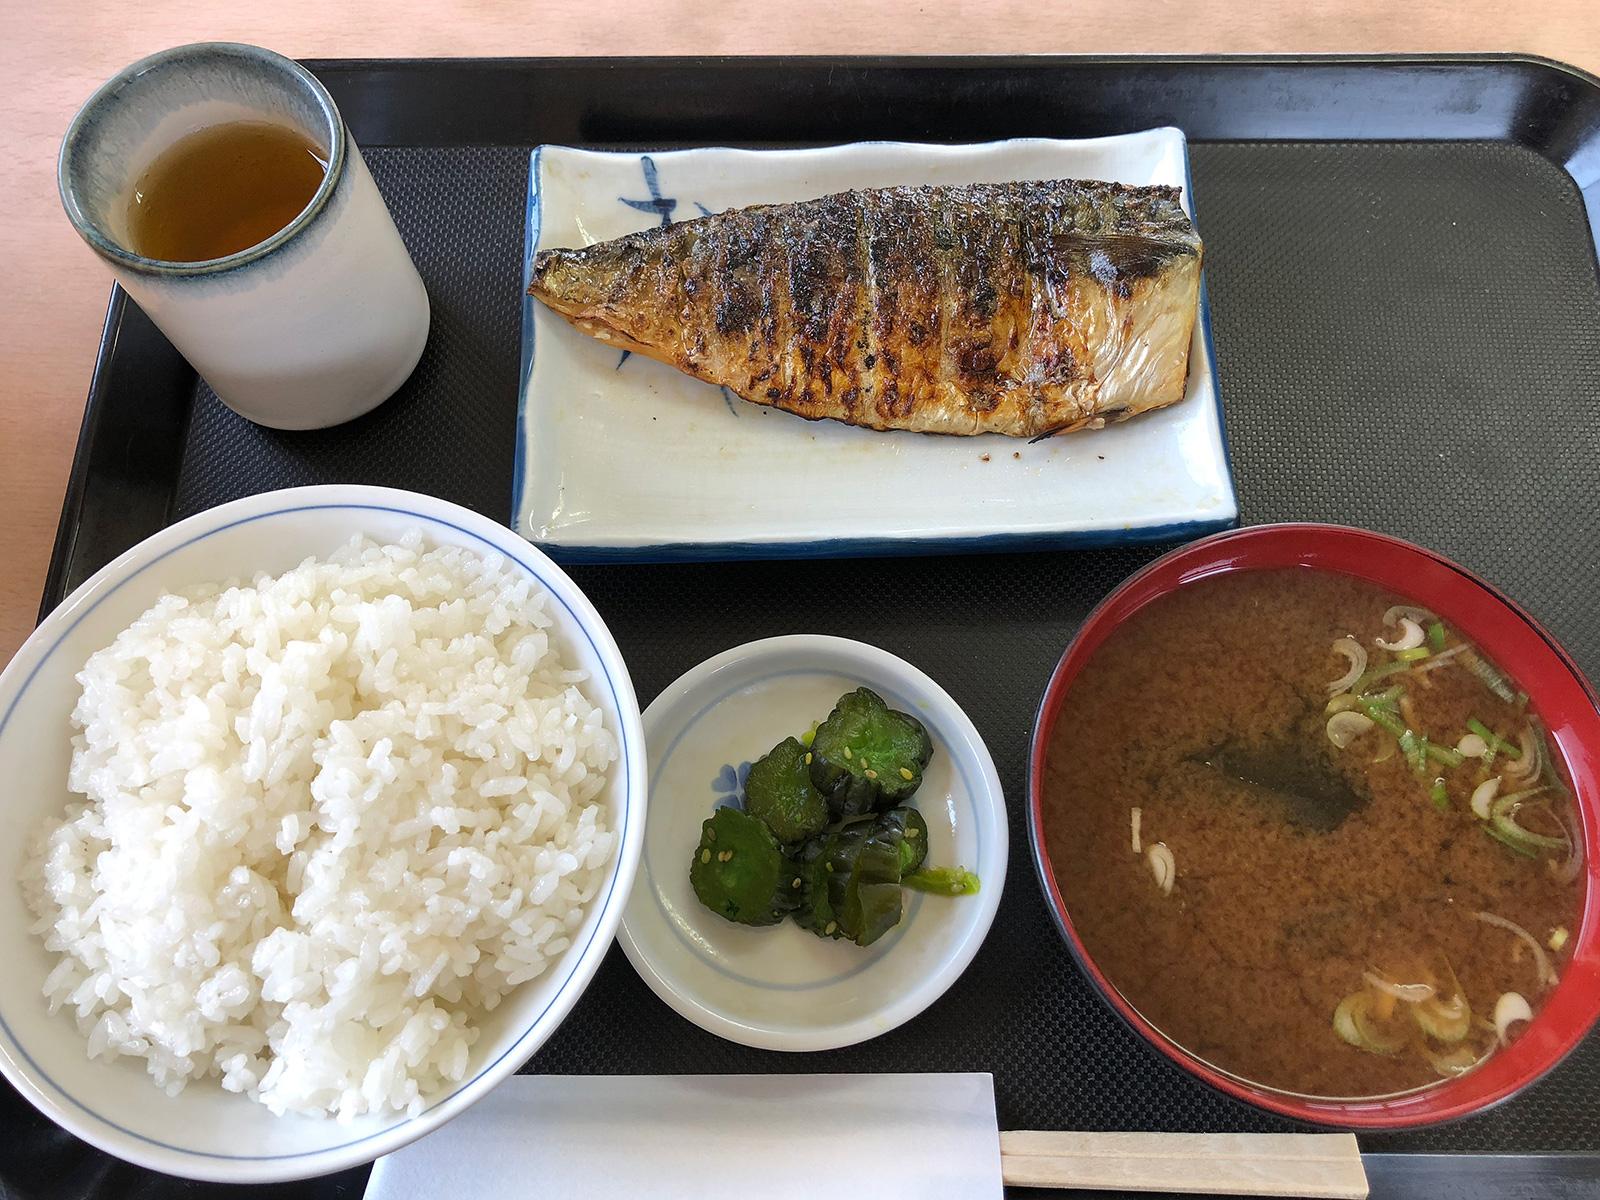 「一ぷく食堂」の焼きさば定食ランチ @枇杷島